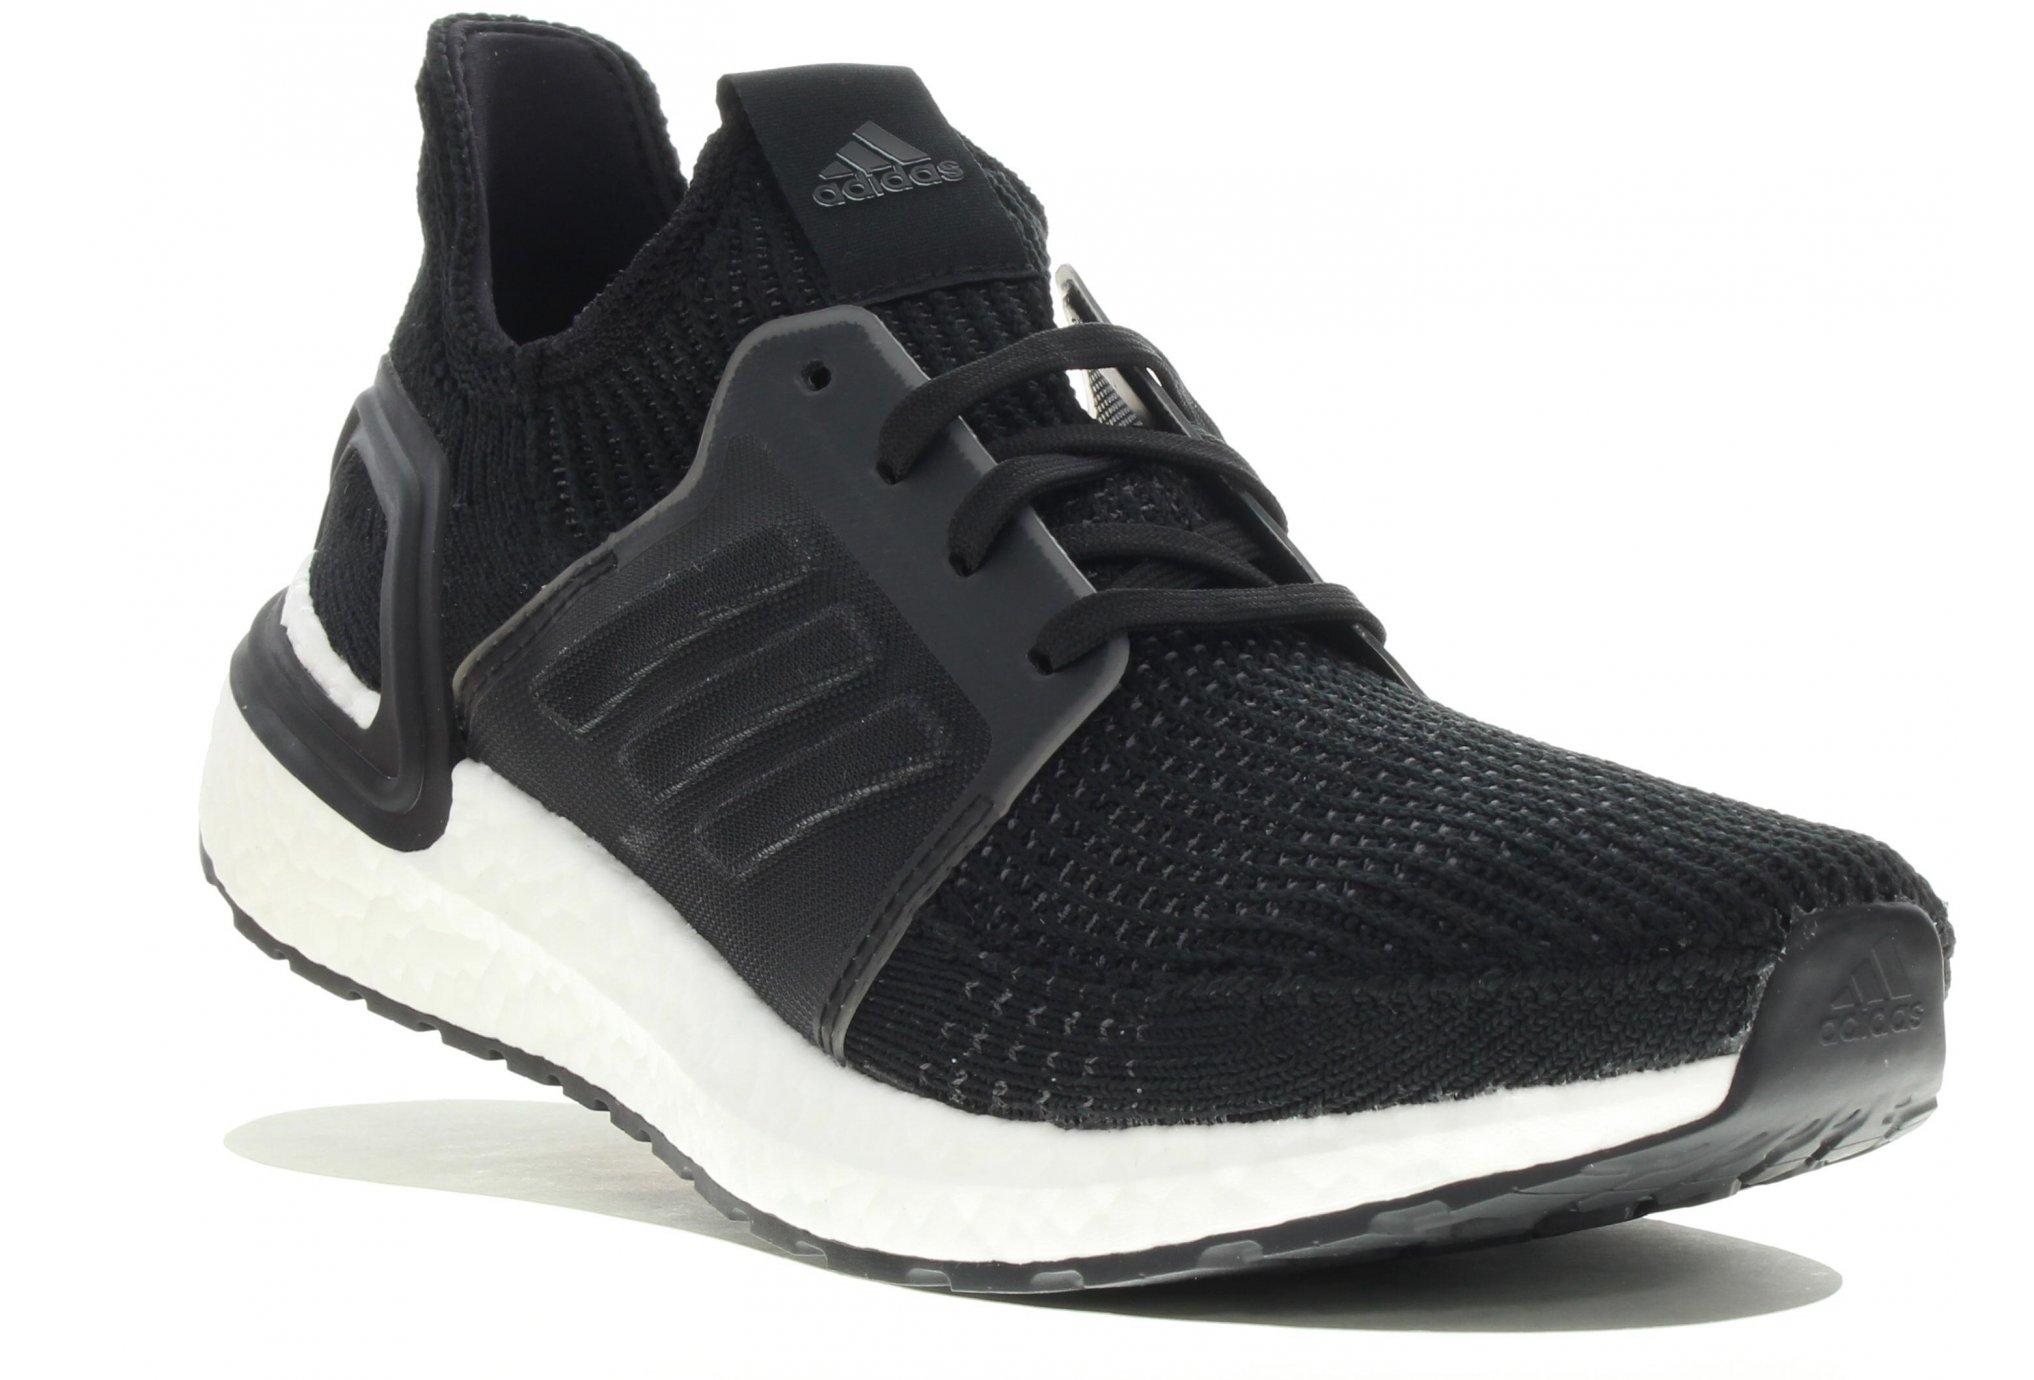 adidas UltraBOOST 19 Chaussures running femme